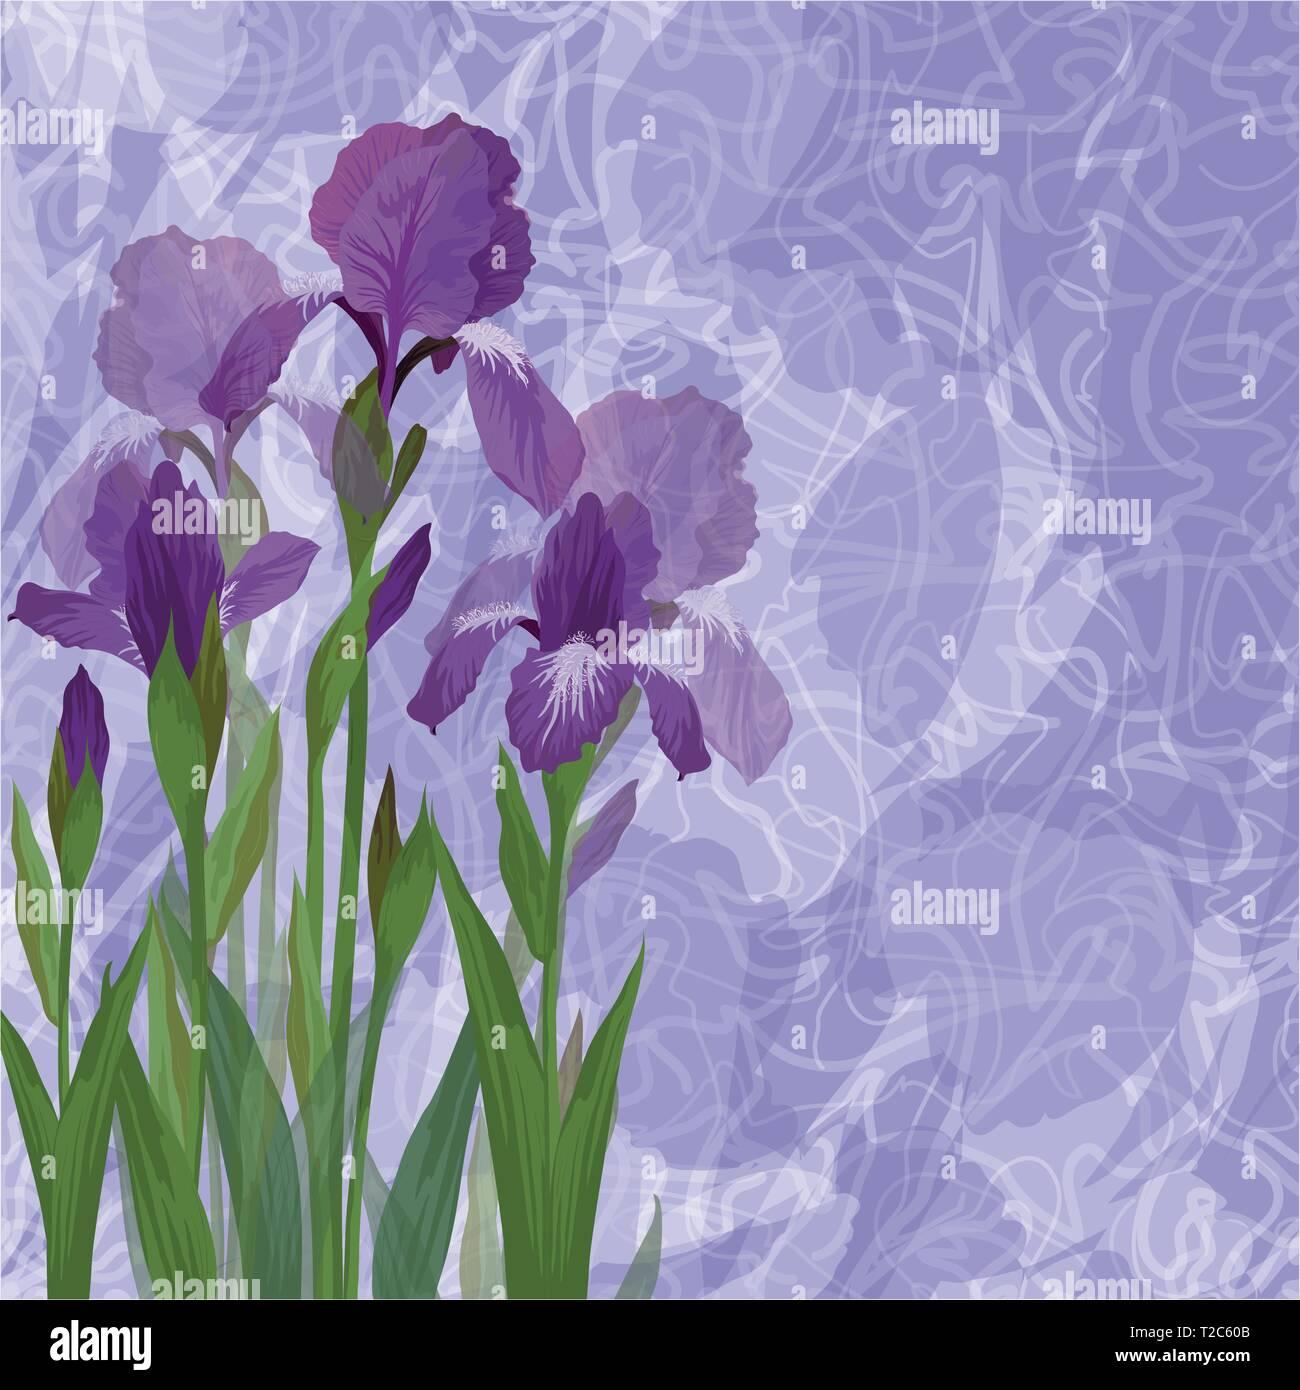 Iris Flores en abstracto, la imagen de fondo para el diseño festivo. Eps Vector10, contiene transparencias Imagen De Stock